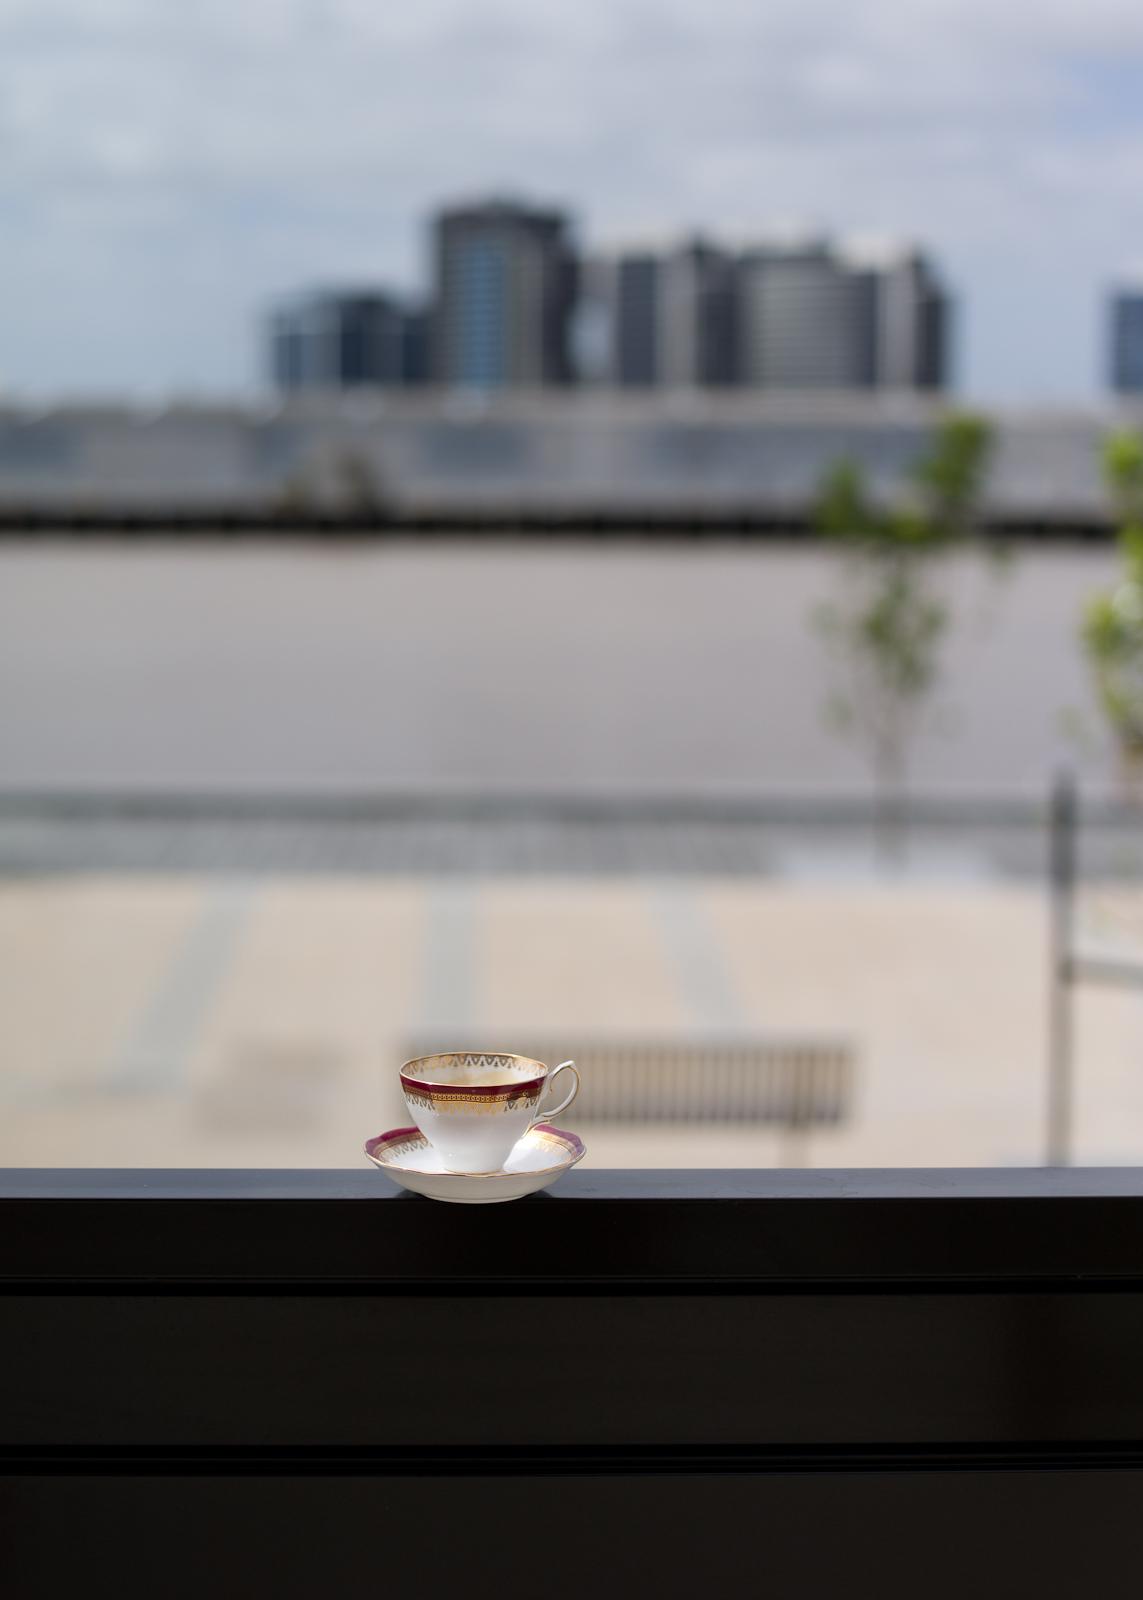 Teacup by PeterA in Regular Member Gallery